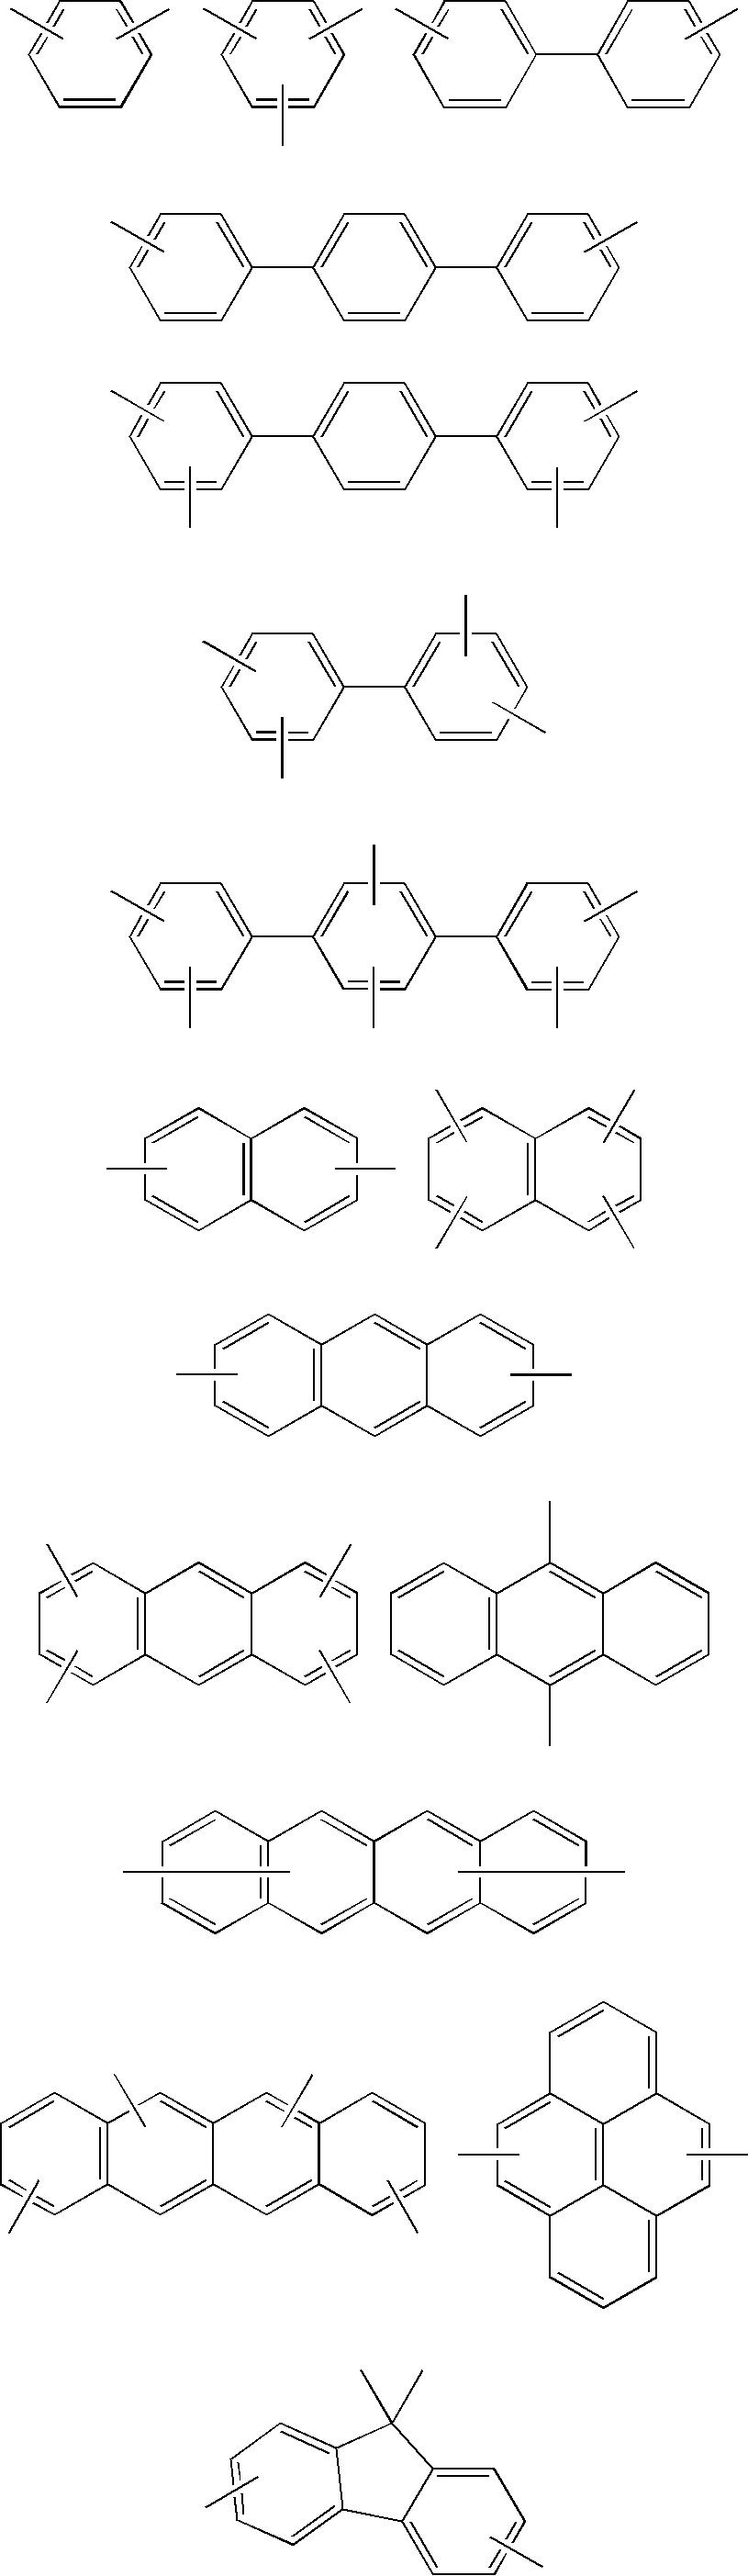 Figure US20090115316A1-20090507-C00035